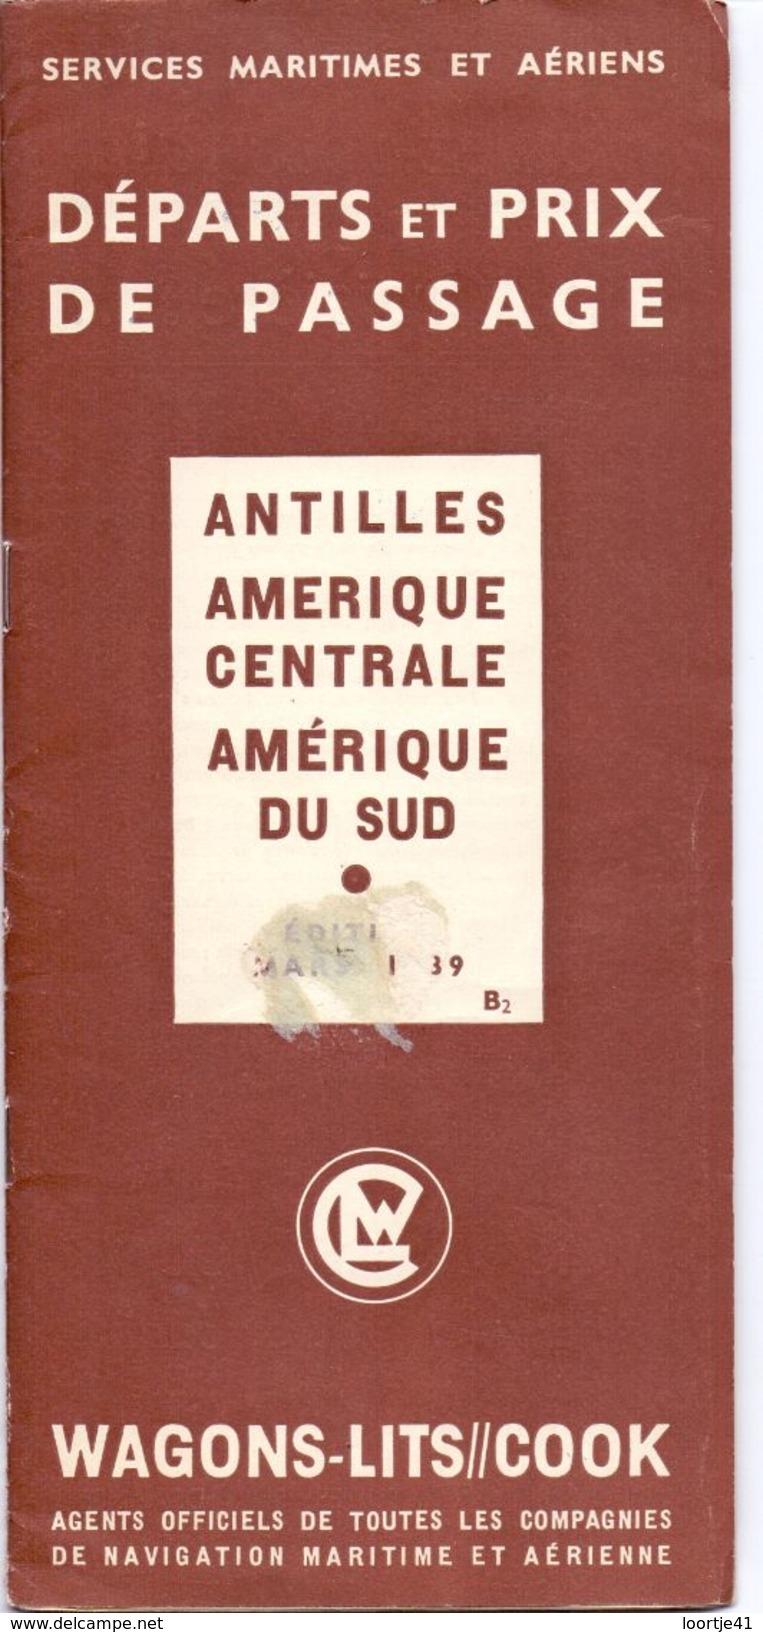 Tourisme - Schedules Dienstregeling Départs & Prix De Passage - Antilles - Amerique - Services Maritimes & Aériens 1939 - World